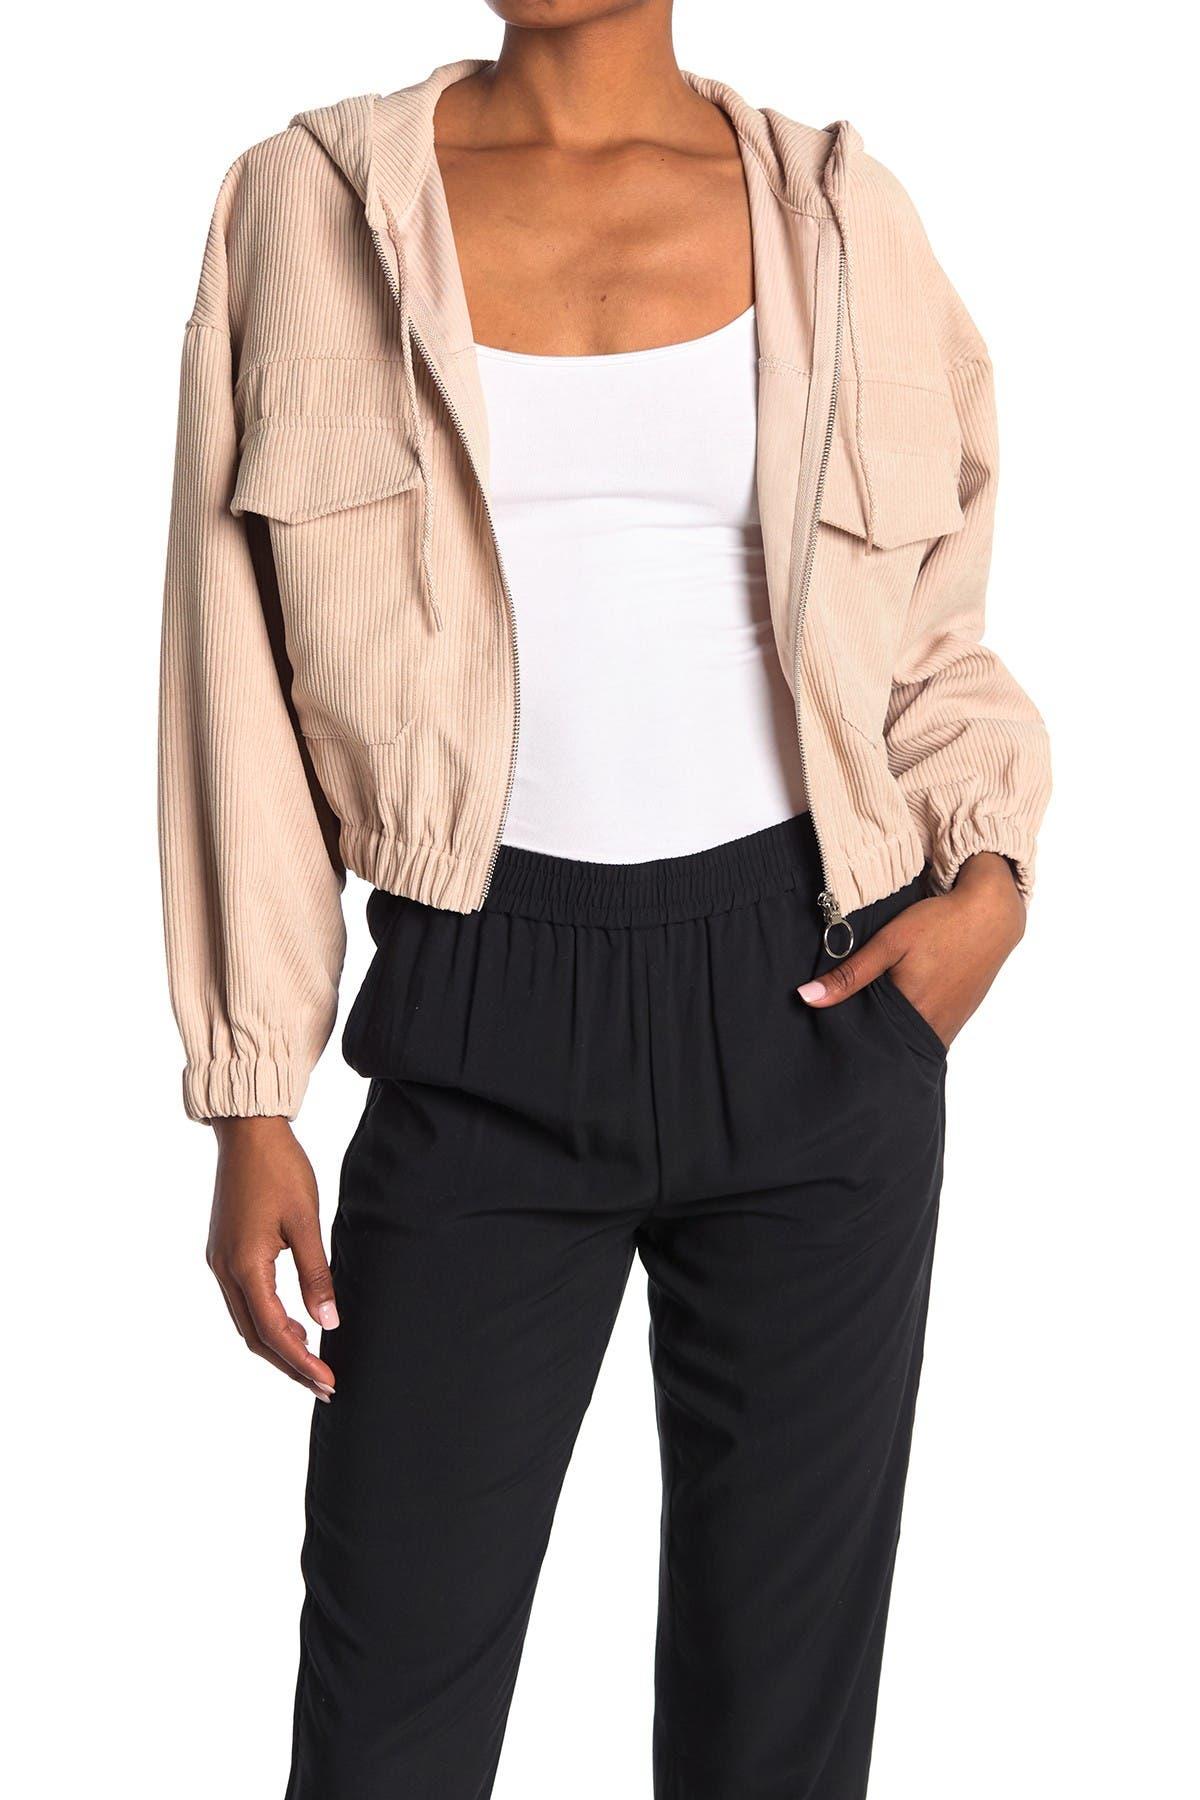 Image of Elodie Corduroy Cropped Hoodie Jacket